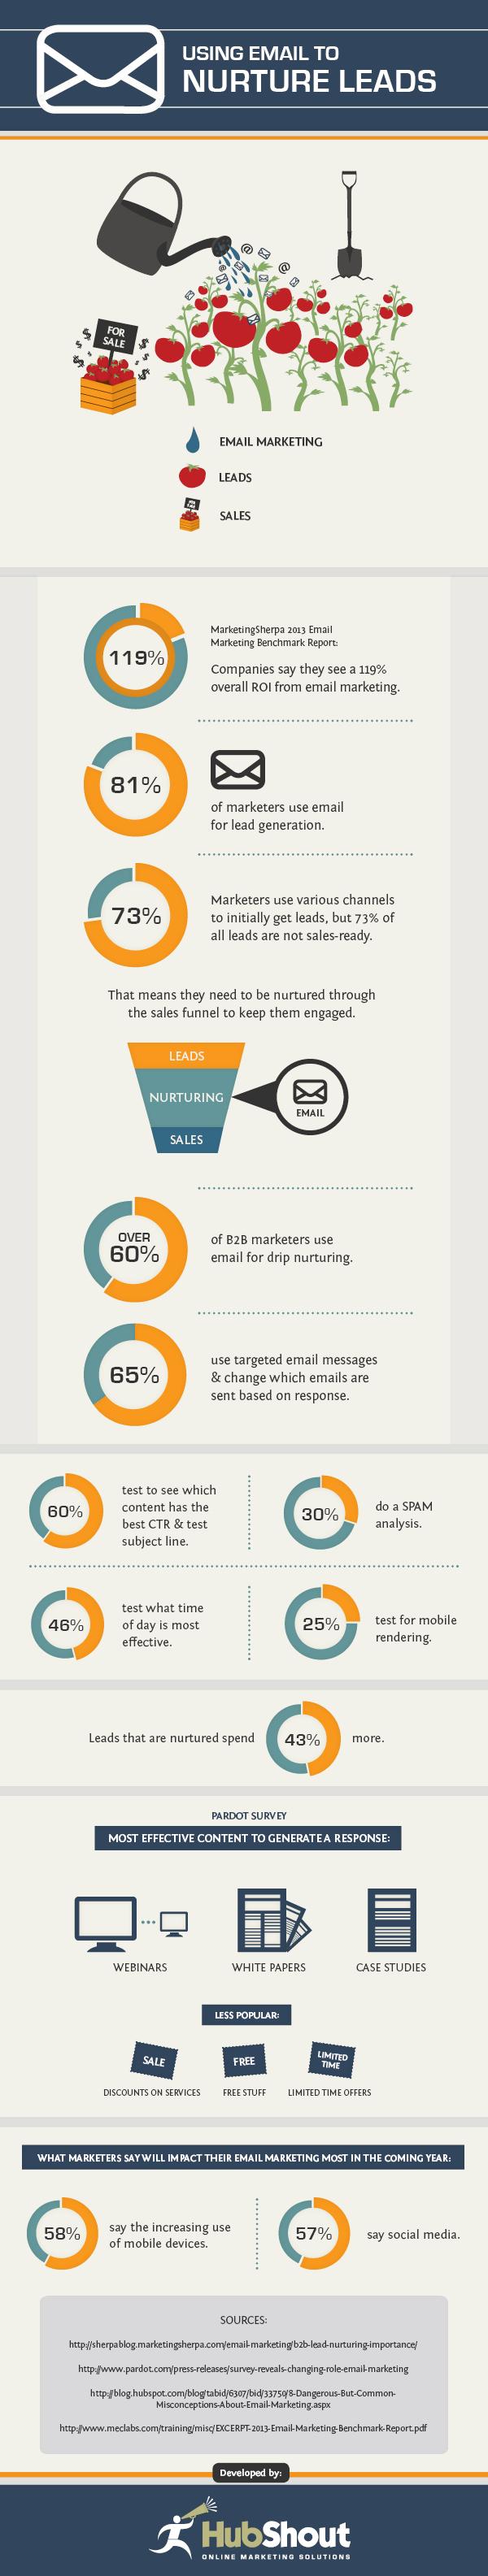 Cómo conseguir leads con el correo electrónico